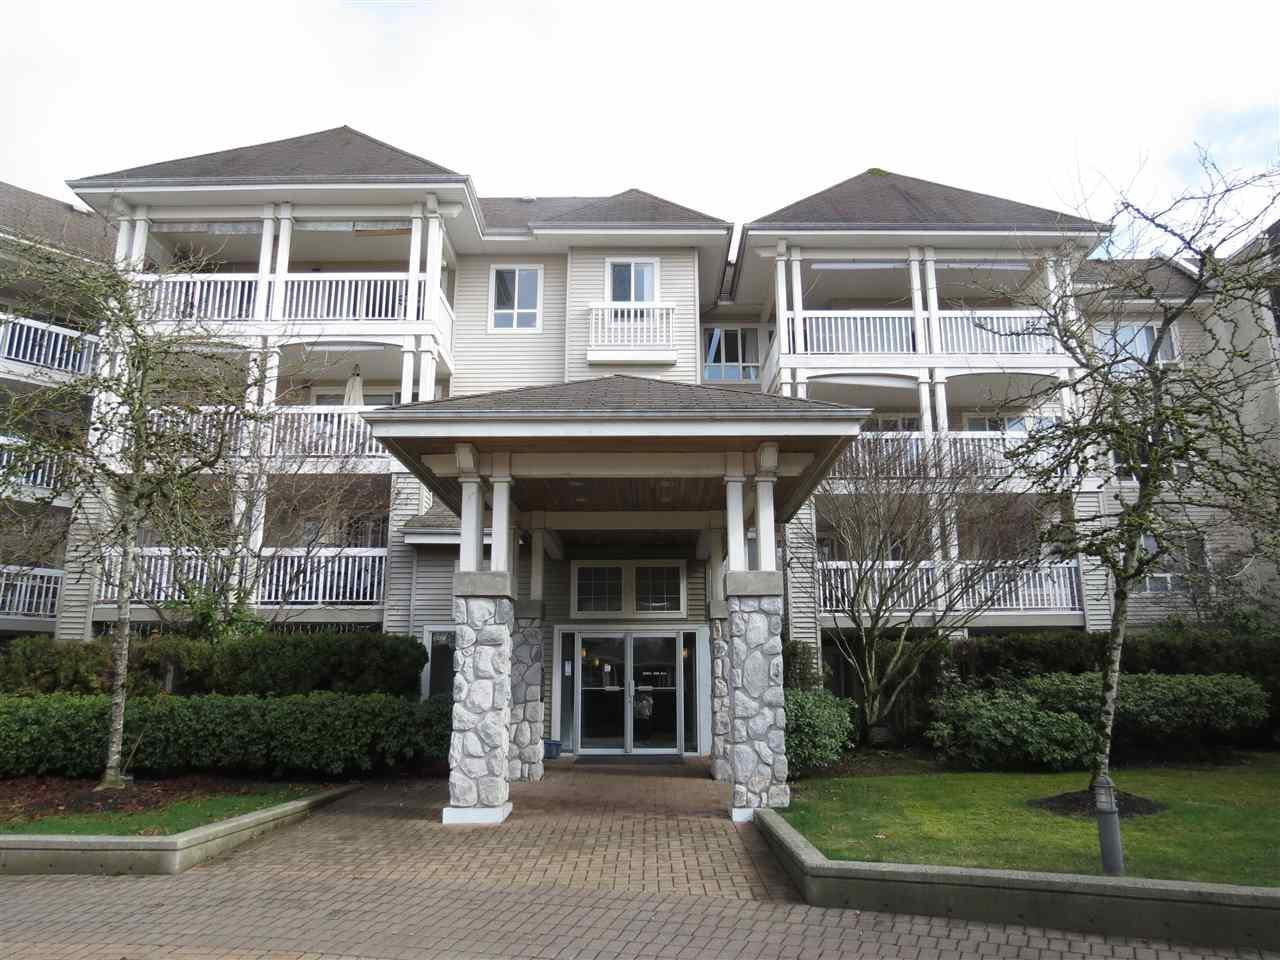 R2021612 - 121 22022 49 AVENUE, Murrayville, Langley, BC - Apartment Unit